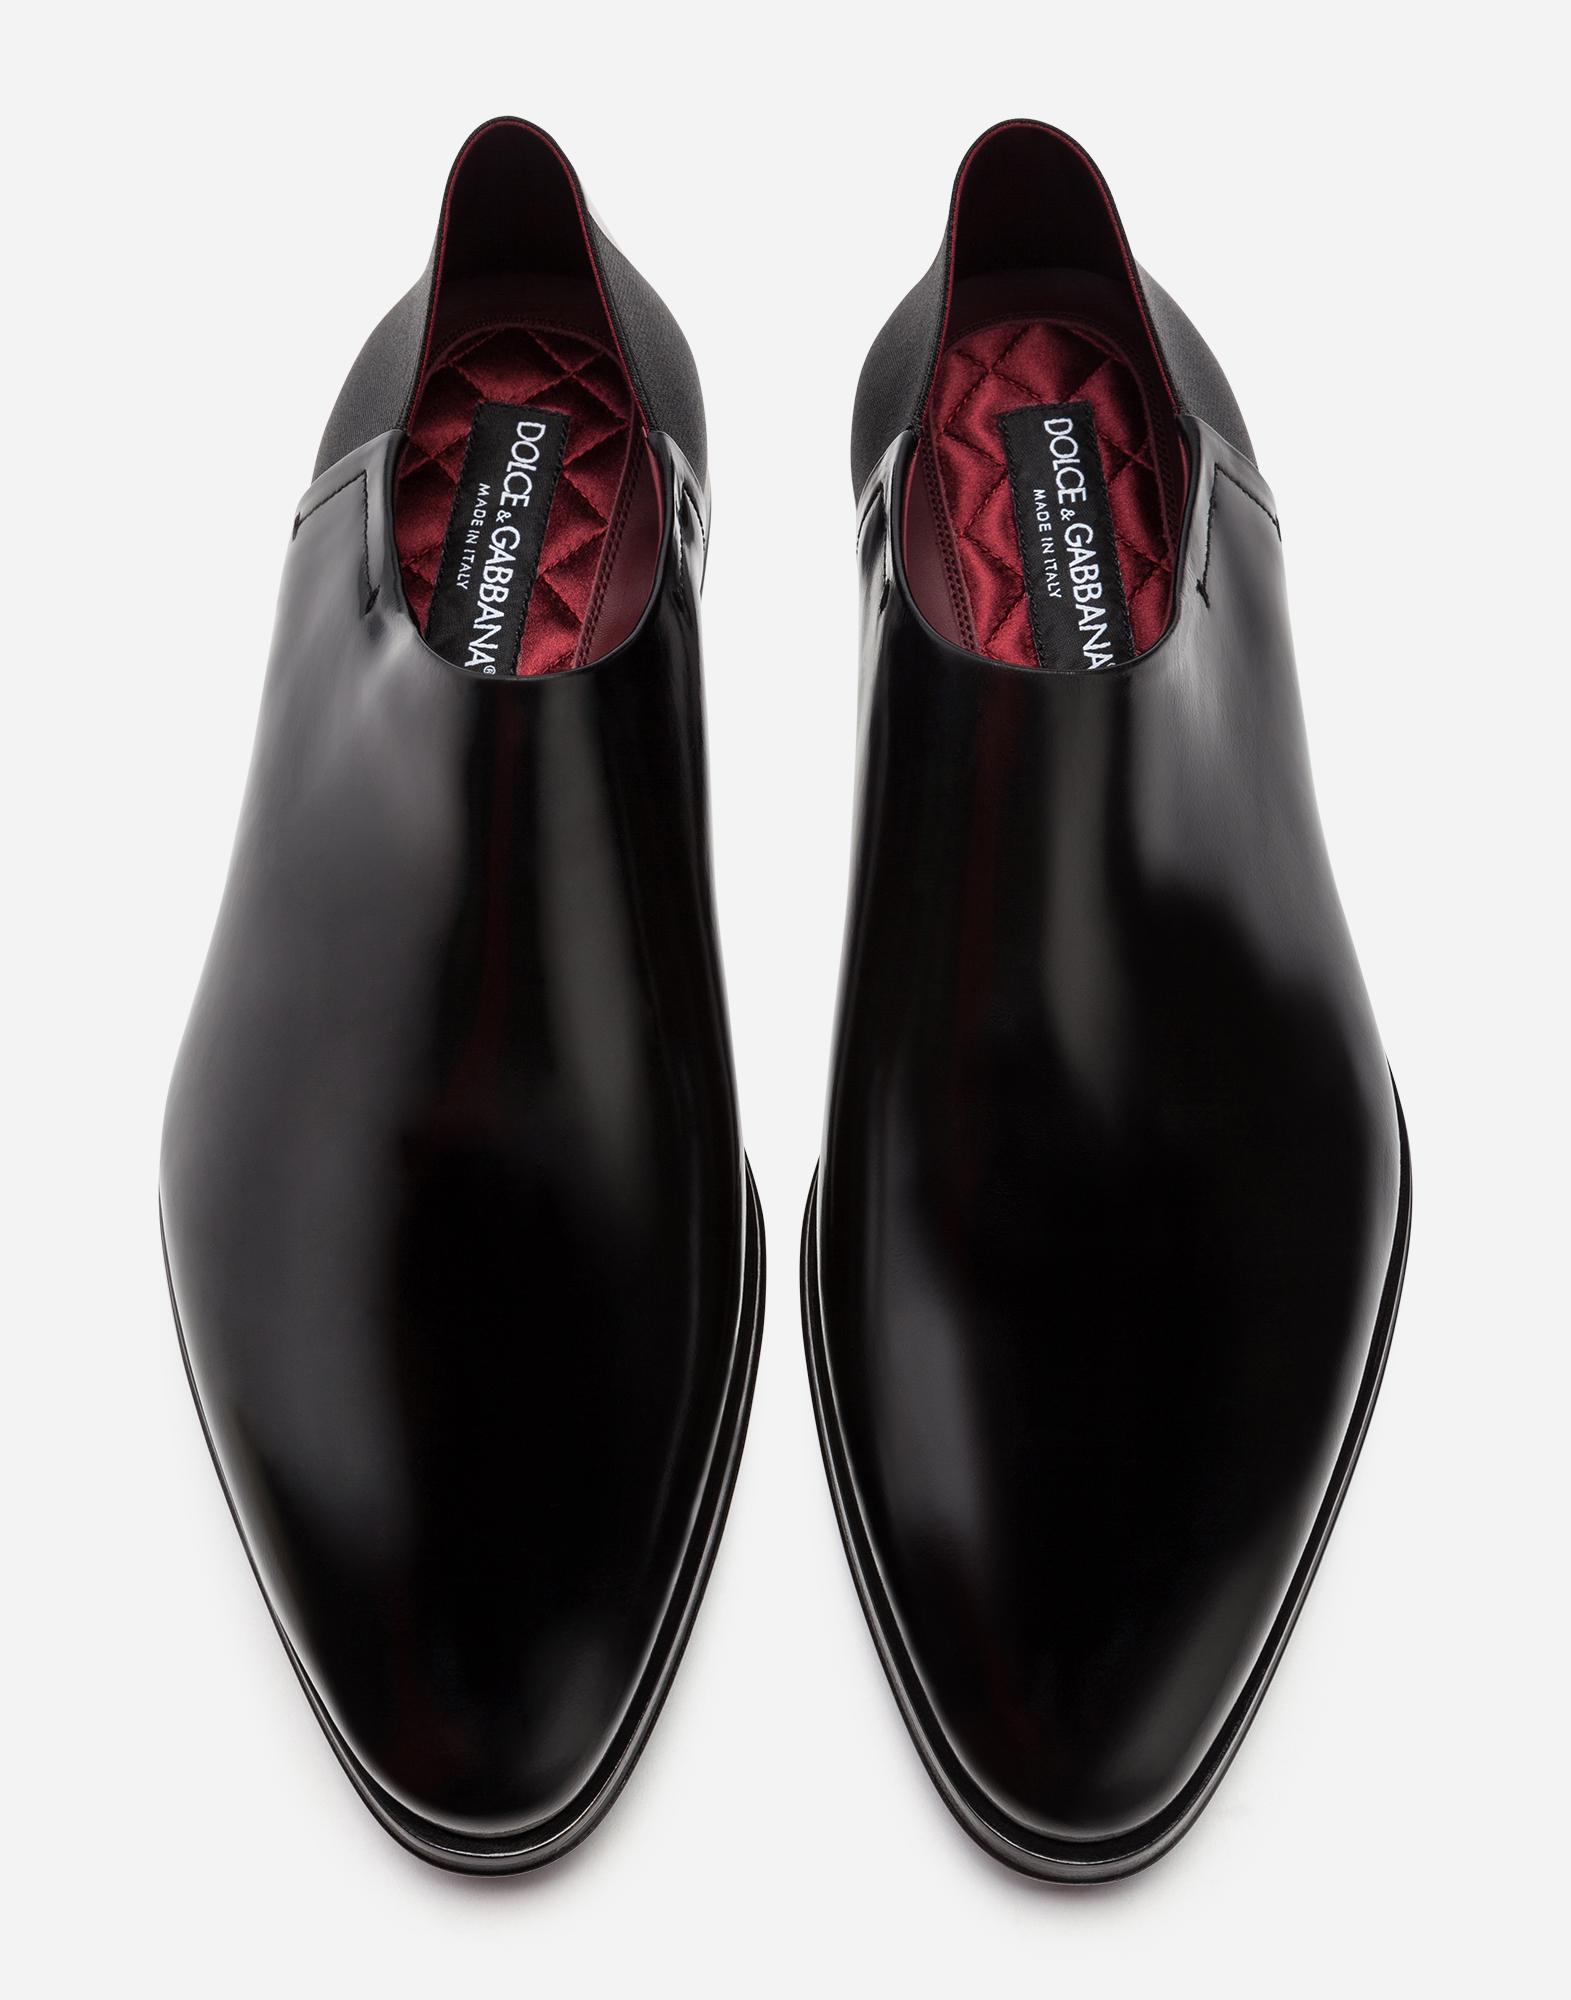 Dolce & Gabbana LOAFERS IN ANTIK CALFSKIN